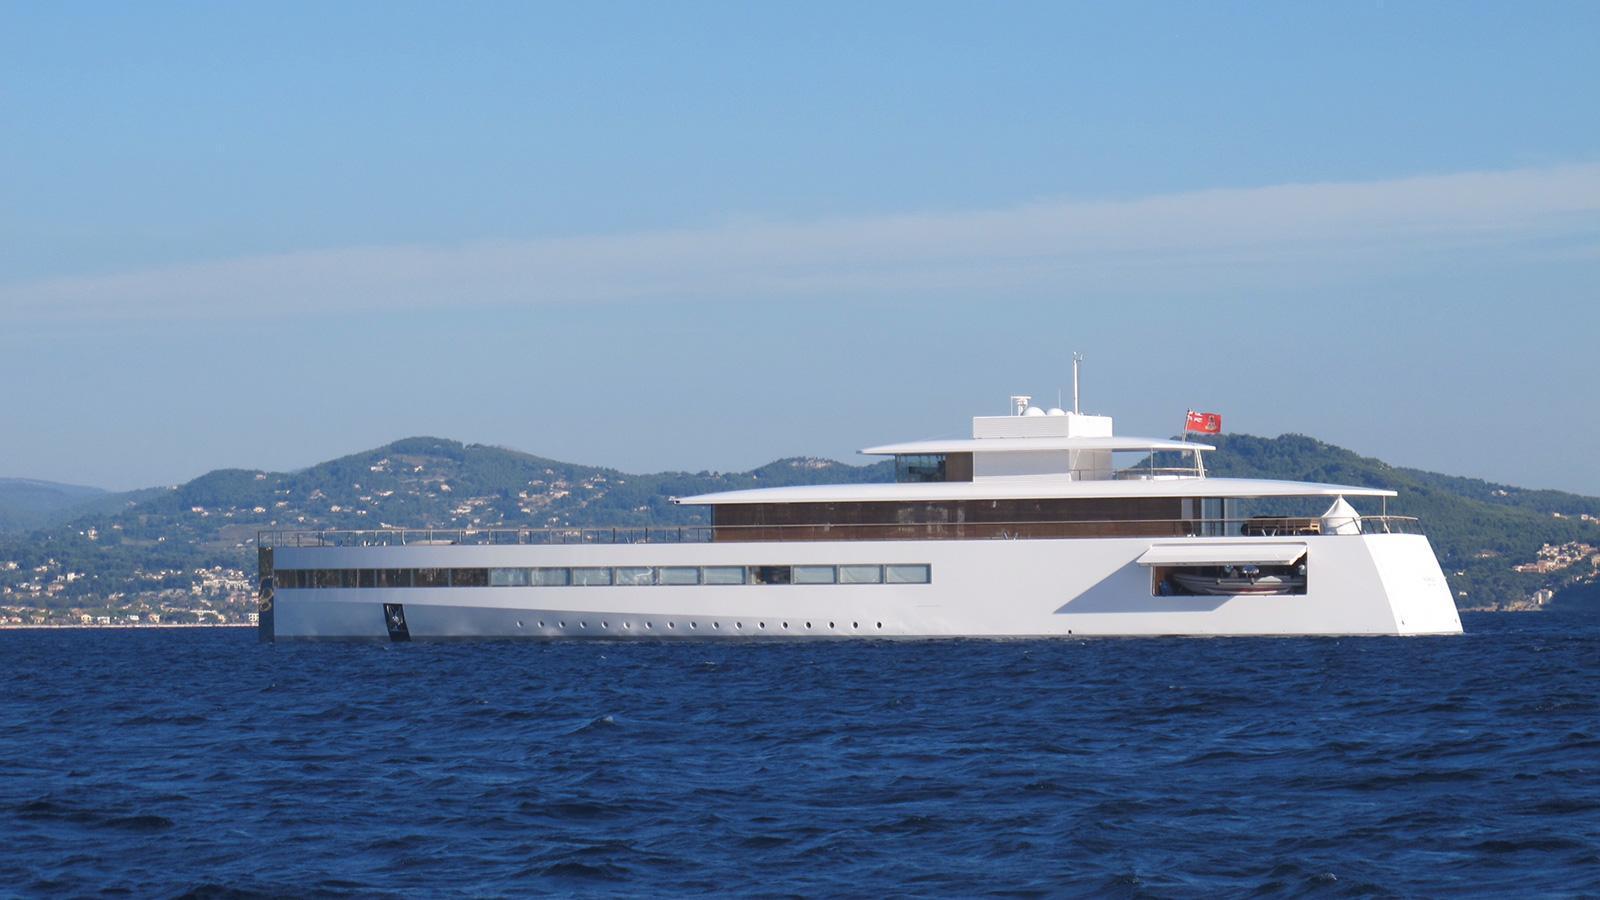 Steve Jobs superyacht Venus profile